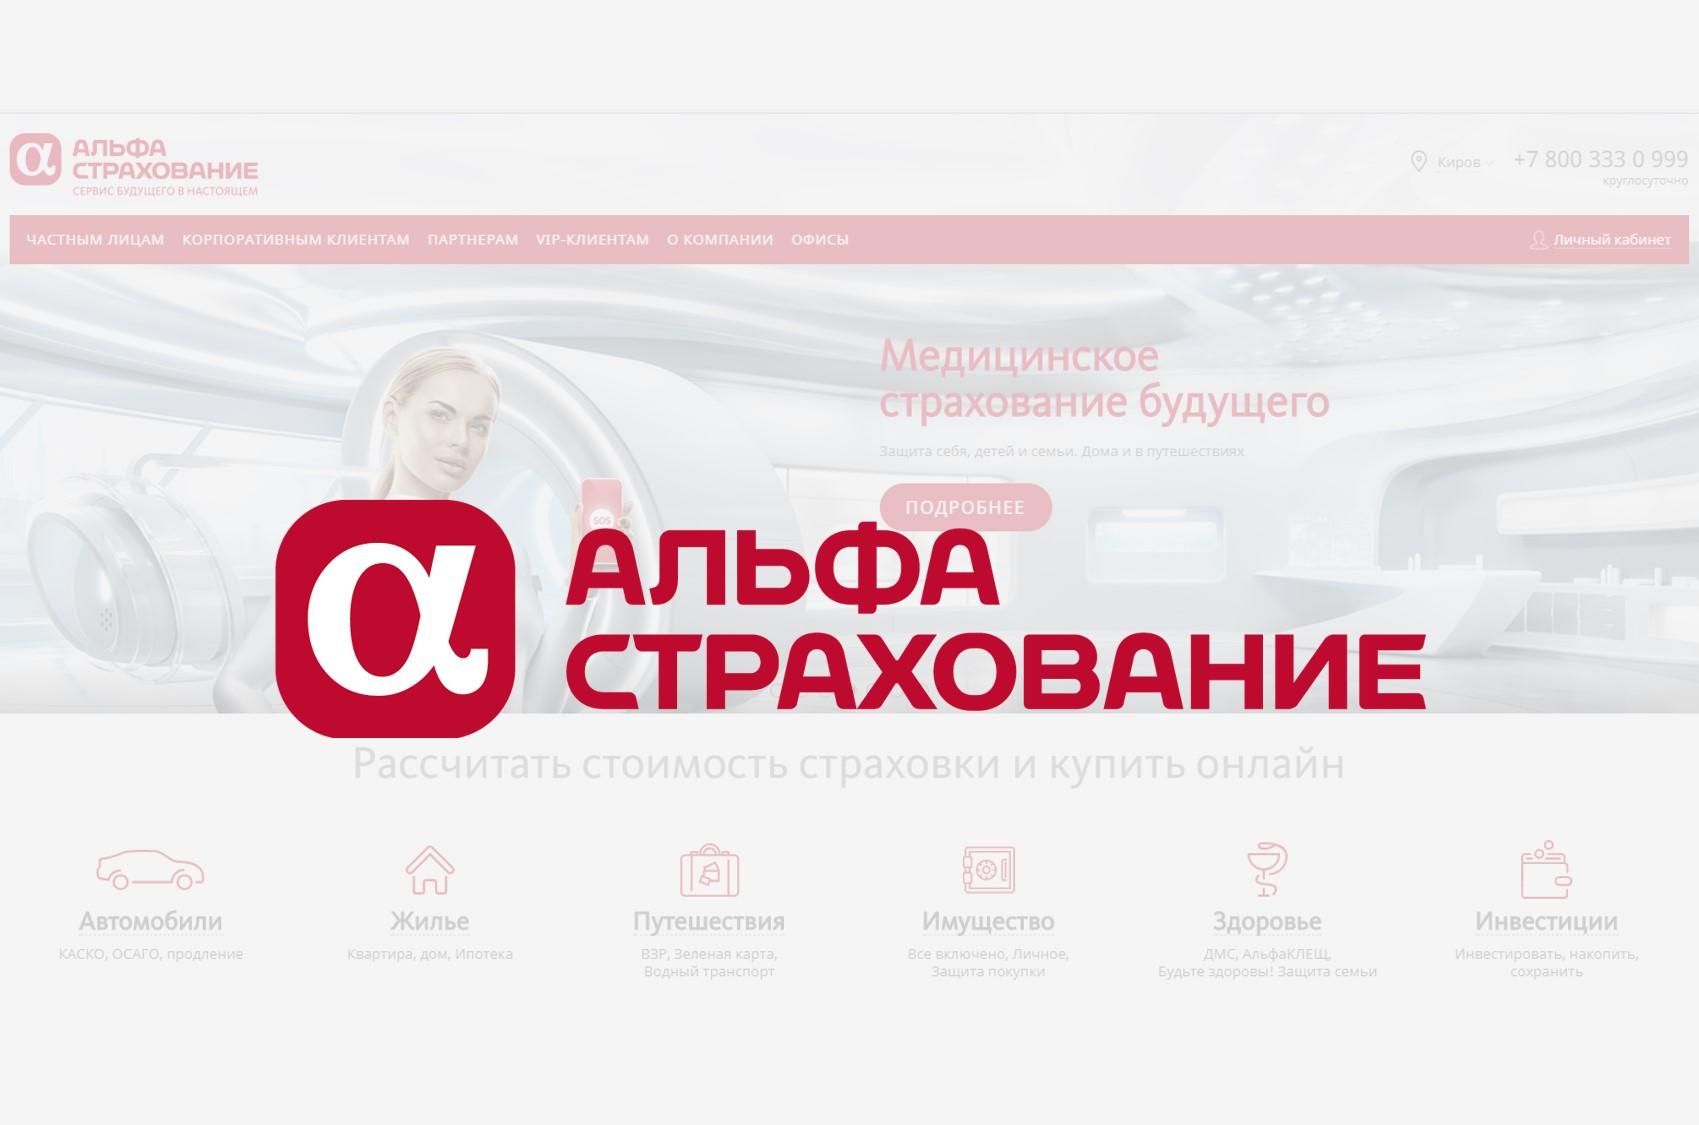 Авигосстрах Партнер Альфа-Страхование